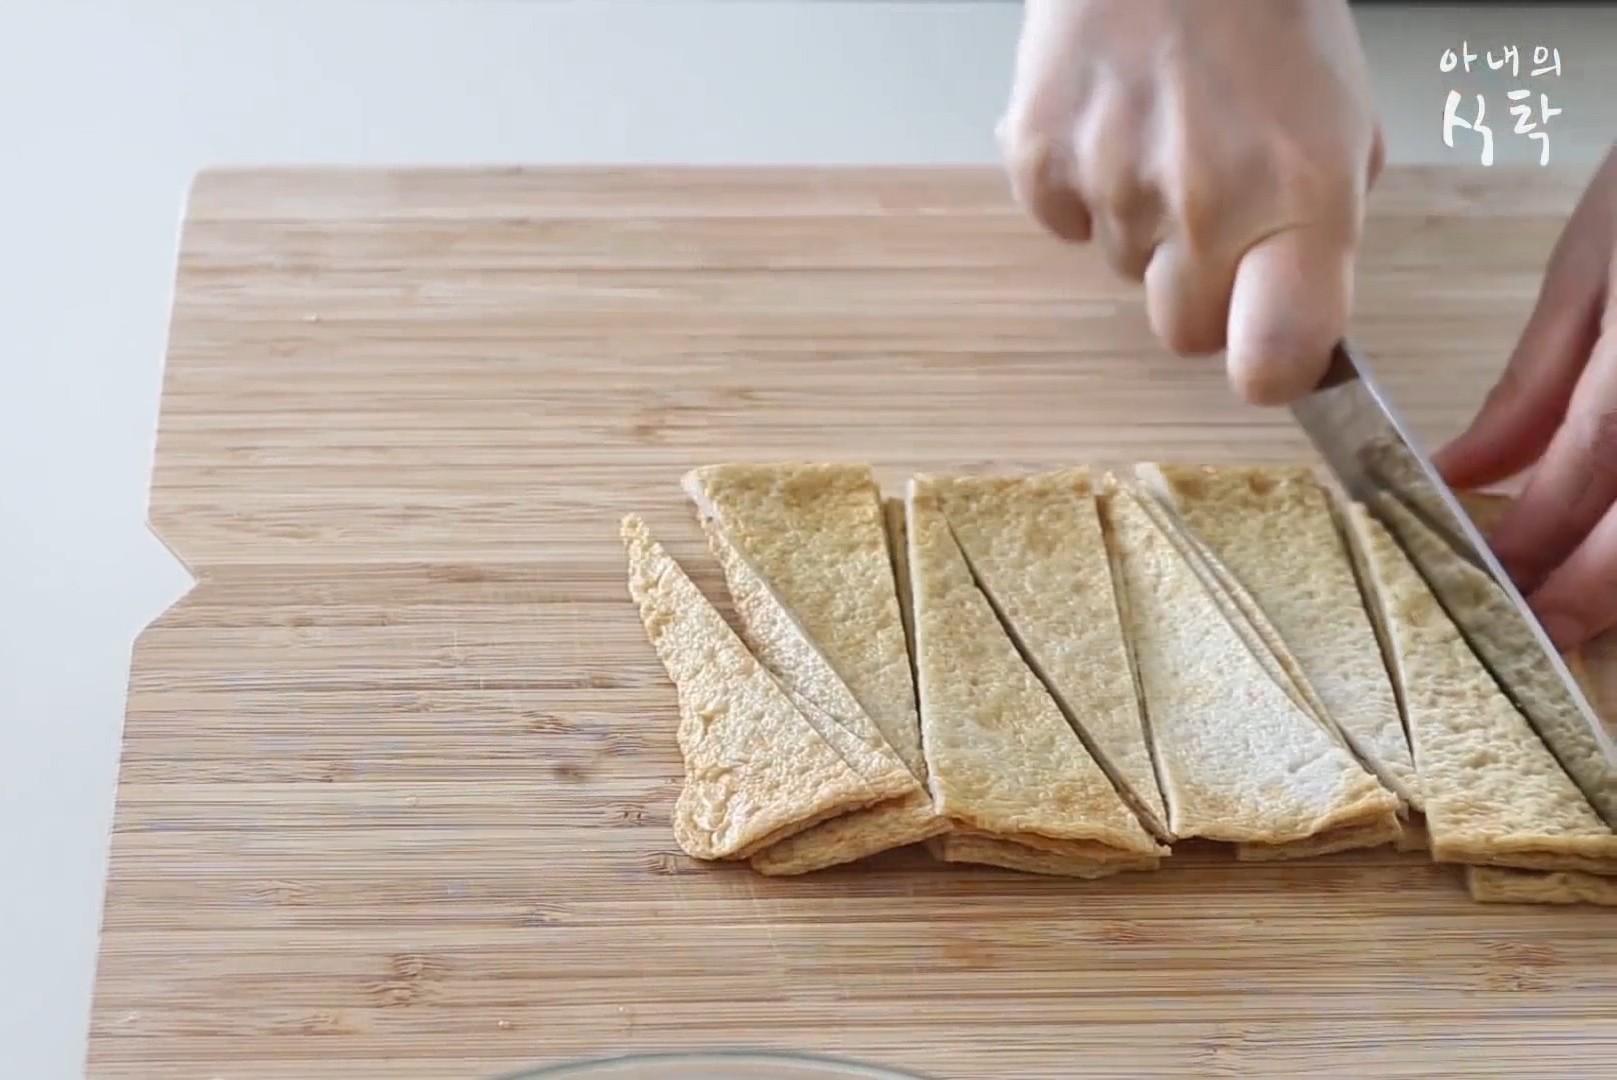 cách làm bánh gạo cay hàn quốc 2 cách làm bánh gạo cay hàn quốc Cách làm bánh gạo cay Hàn Quốc siêu đơn giản từ nguyên liệu sẵn có cach lam banh gao cay 2